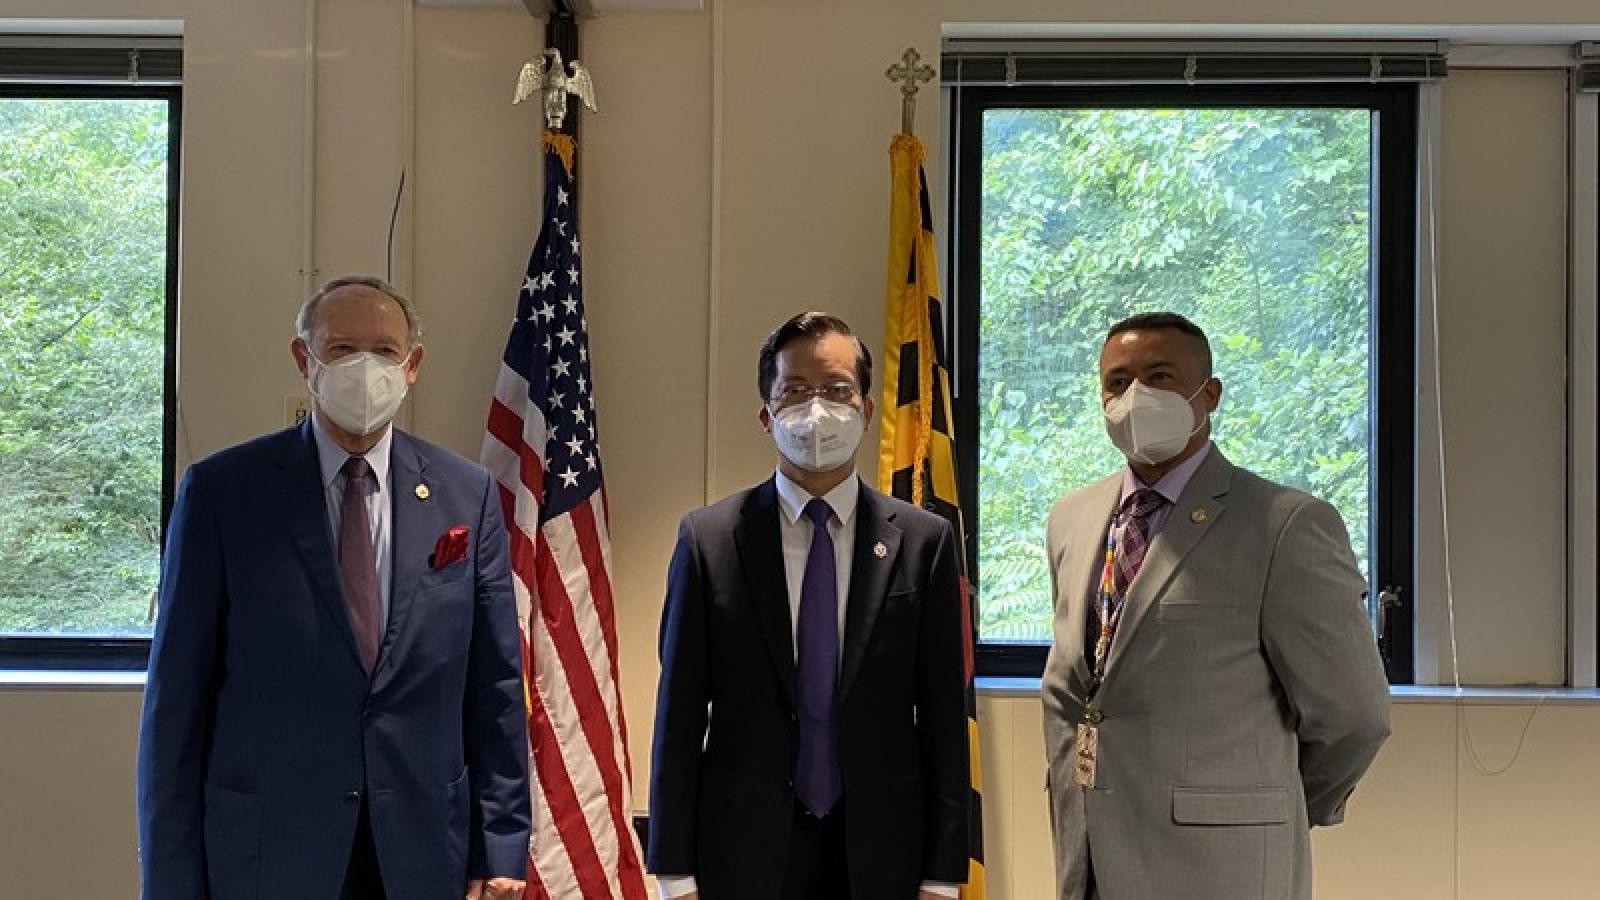 Đại sứ quán Việt Nam tại Hoa Kỳ trao tặng bang Maryland 10.000 khẩu trang